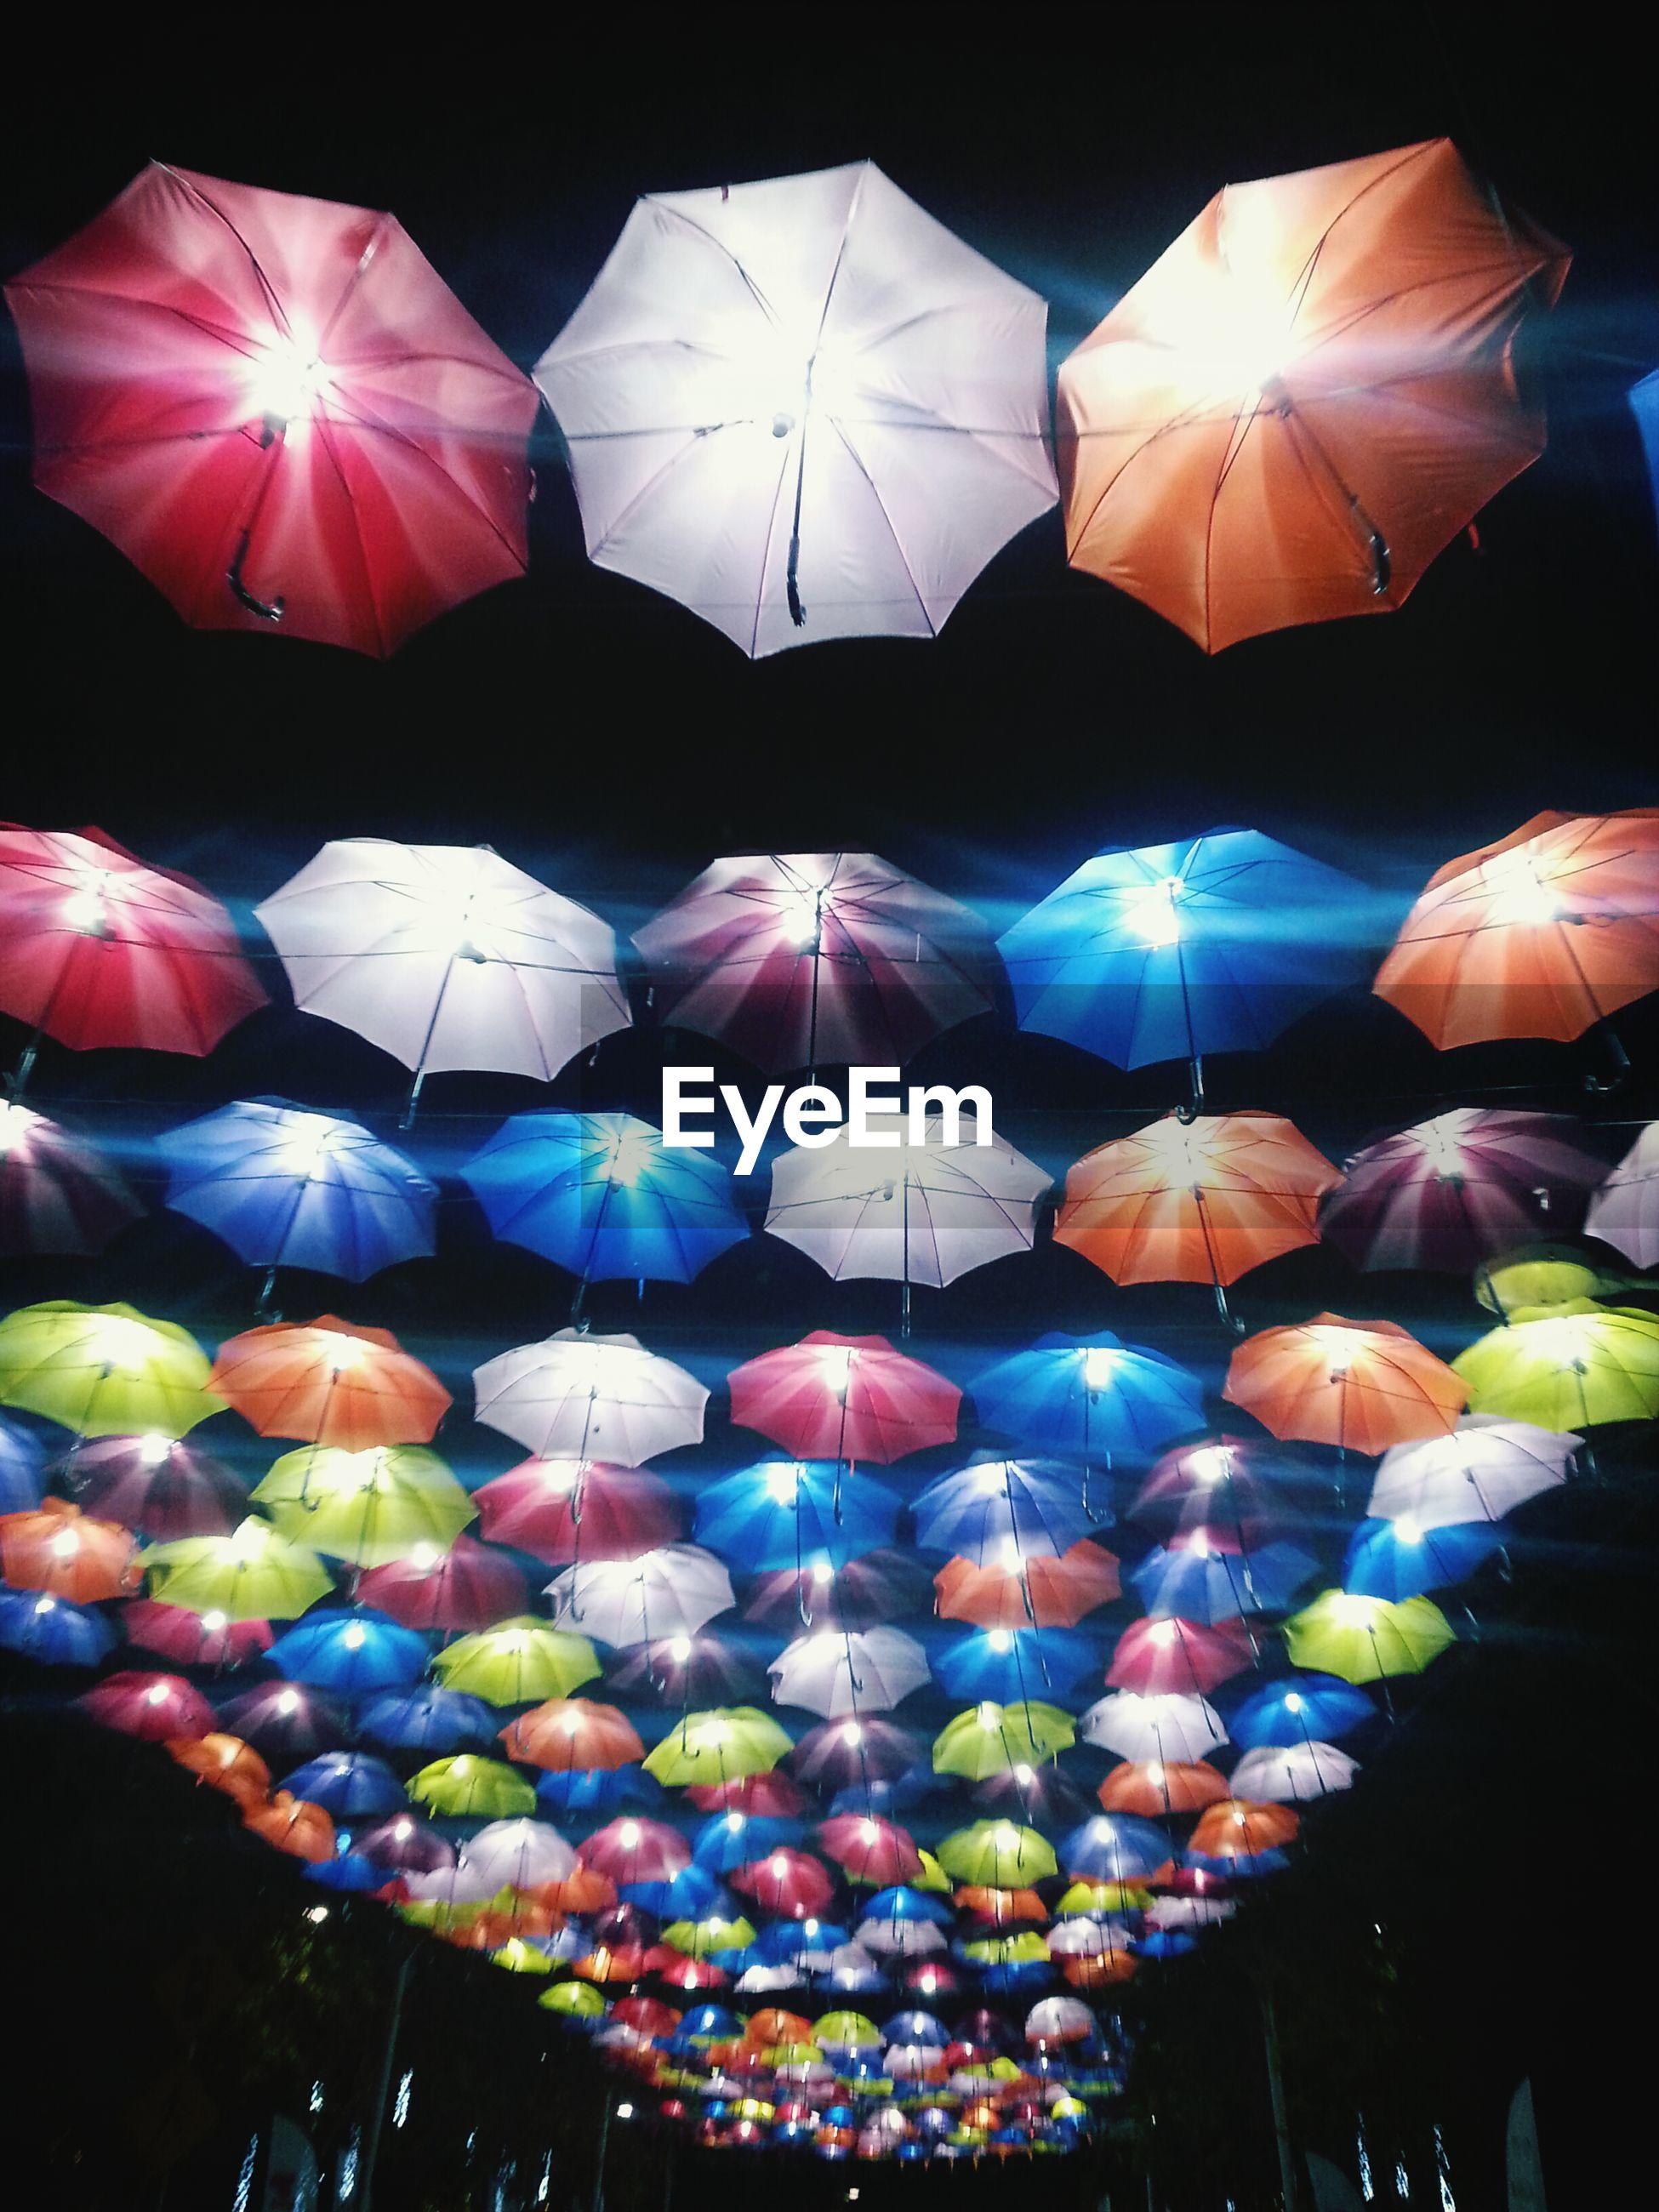 Illuminated multi colored umbrellas hanging from ceiling